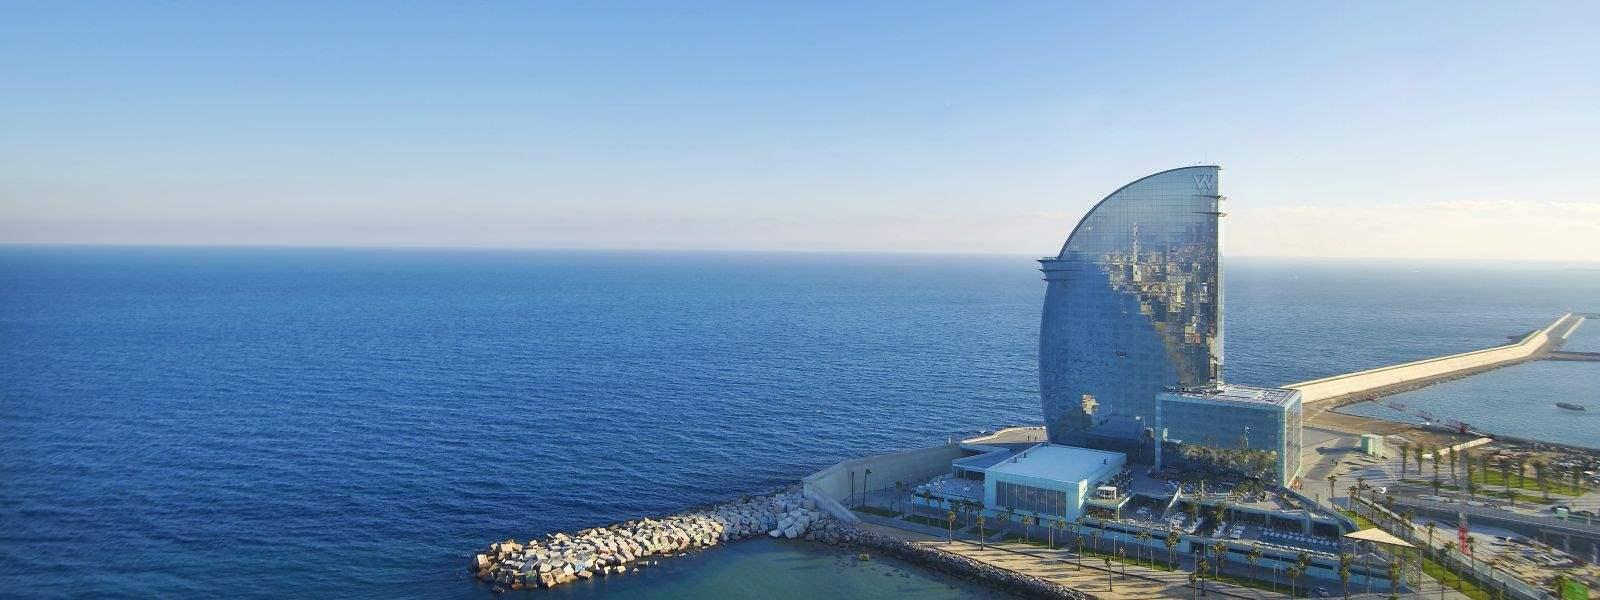 El W Barcelona està situat al passeig de la Barceloneta. Disenyat per Ricard Bofill, es un exemple de luxe i paradis.